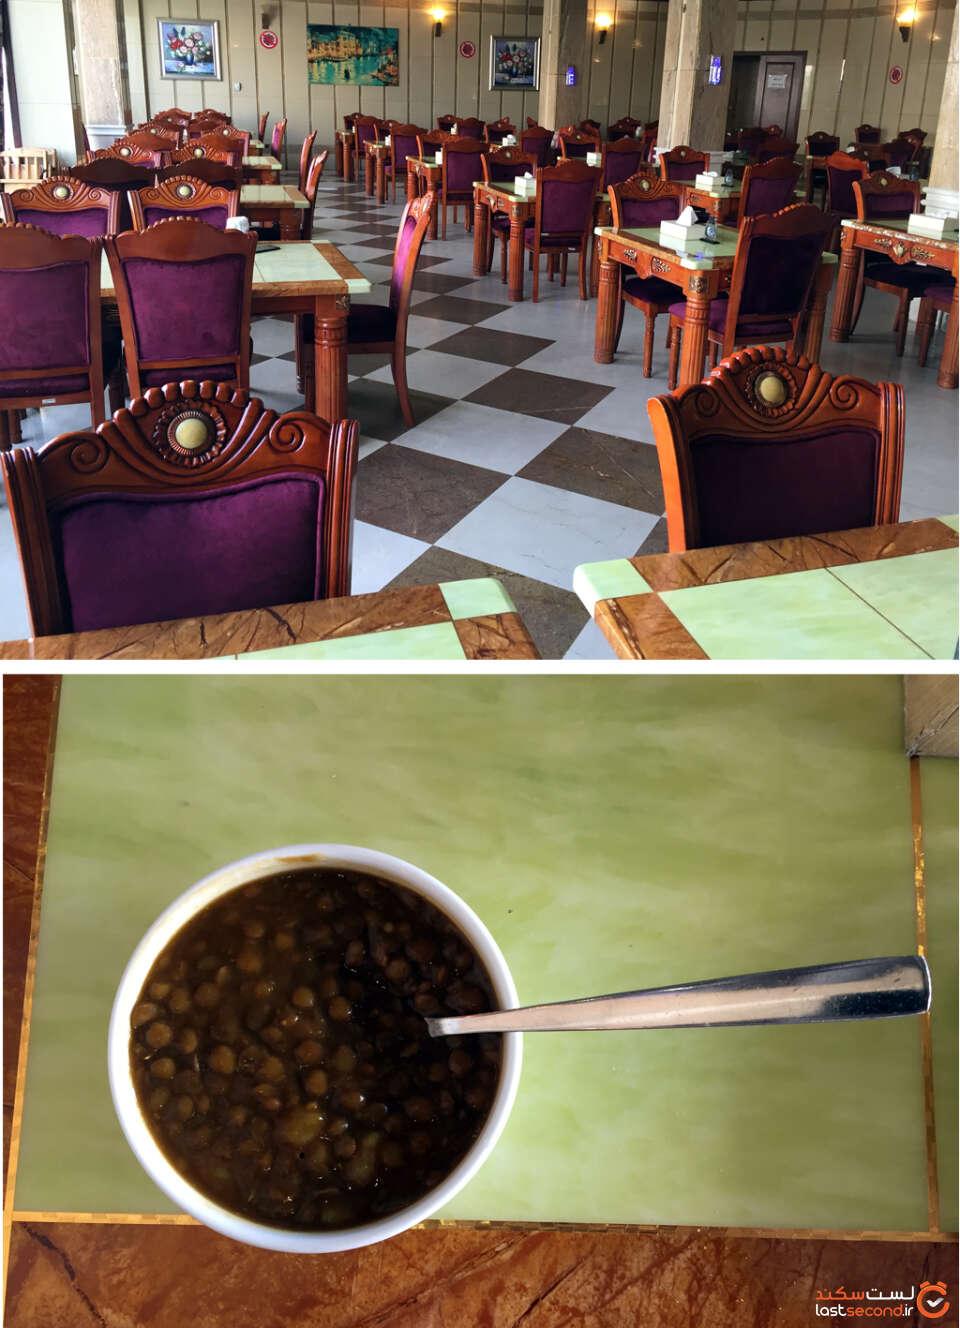 رستوران.jpg